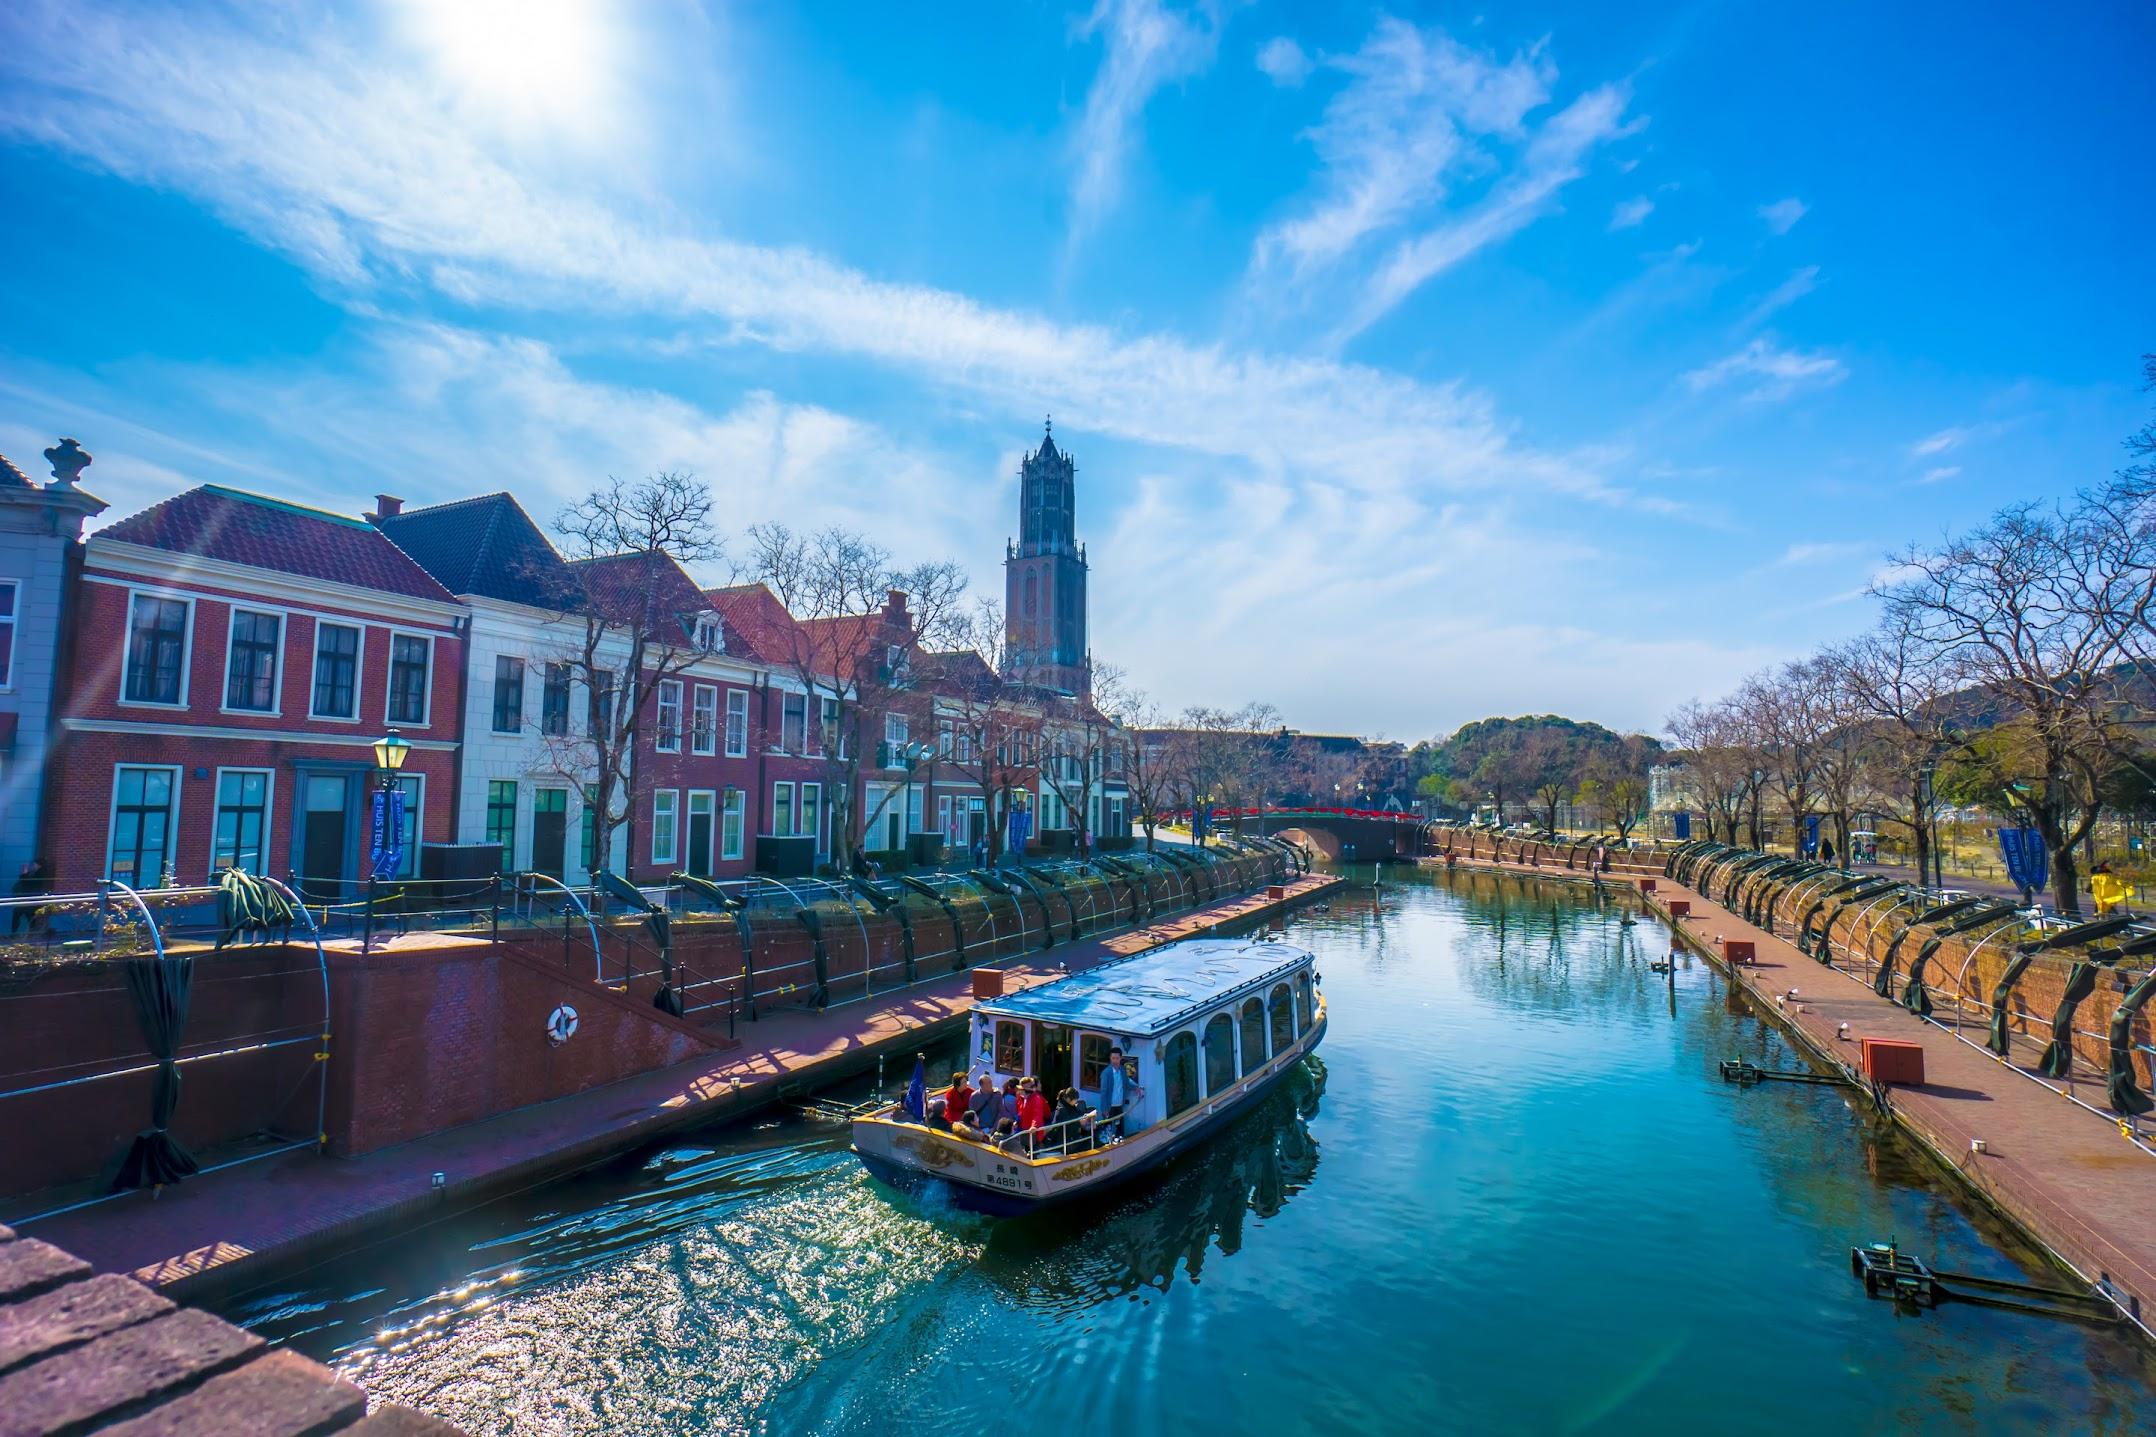 Huis Ten Bosch Canal Cruiser2